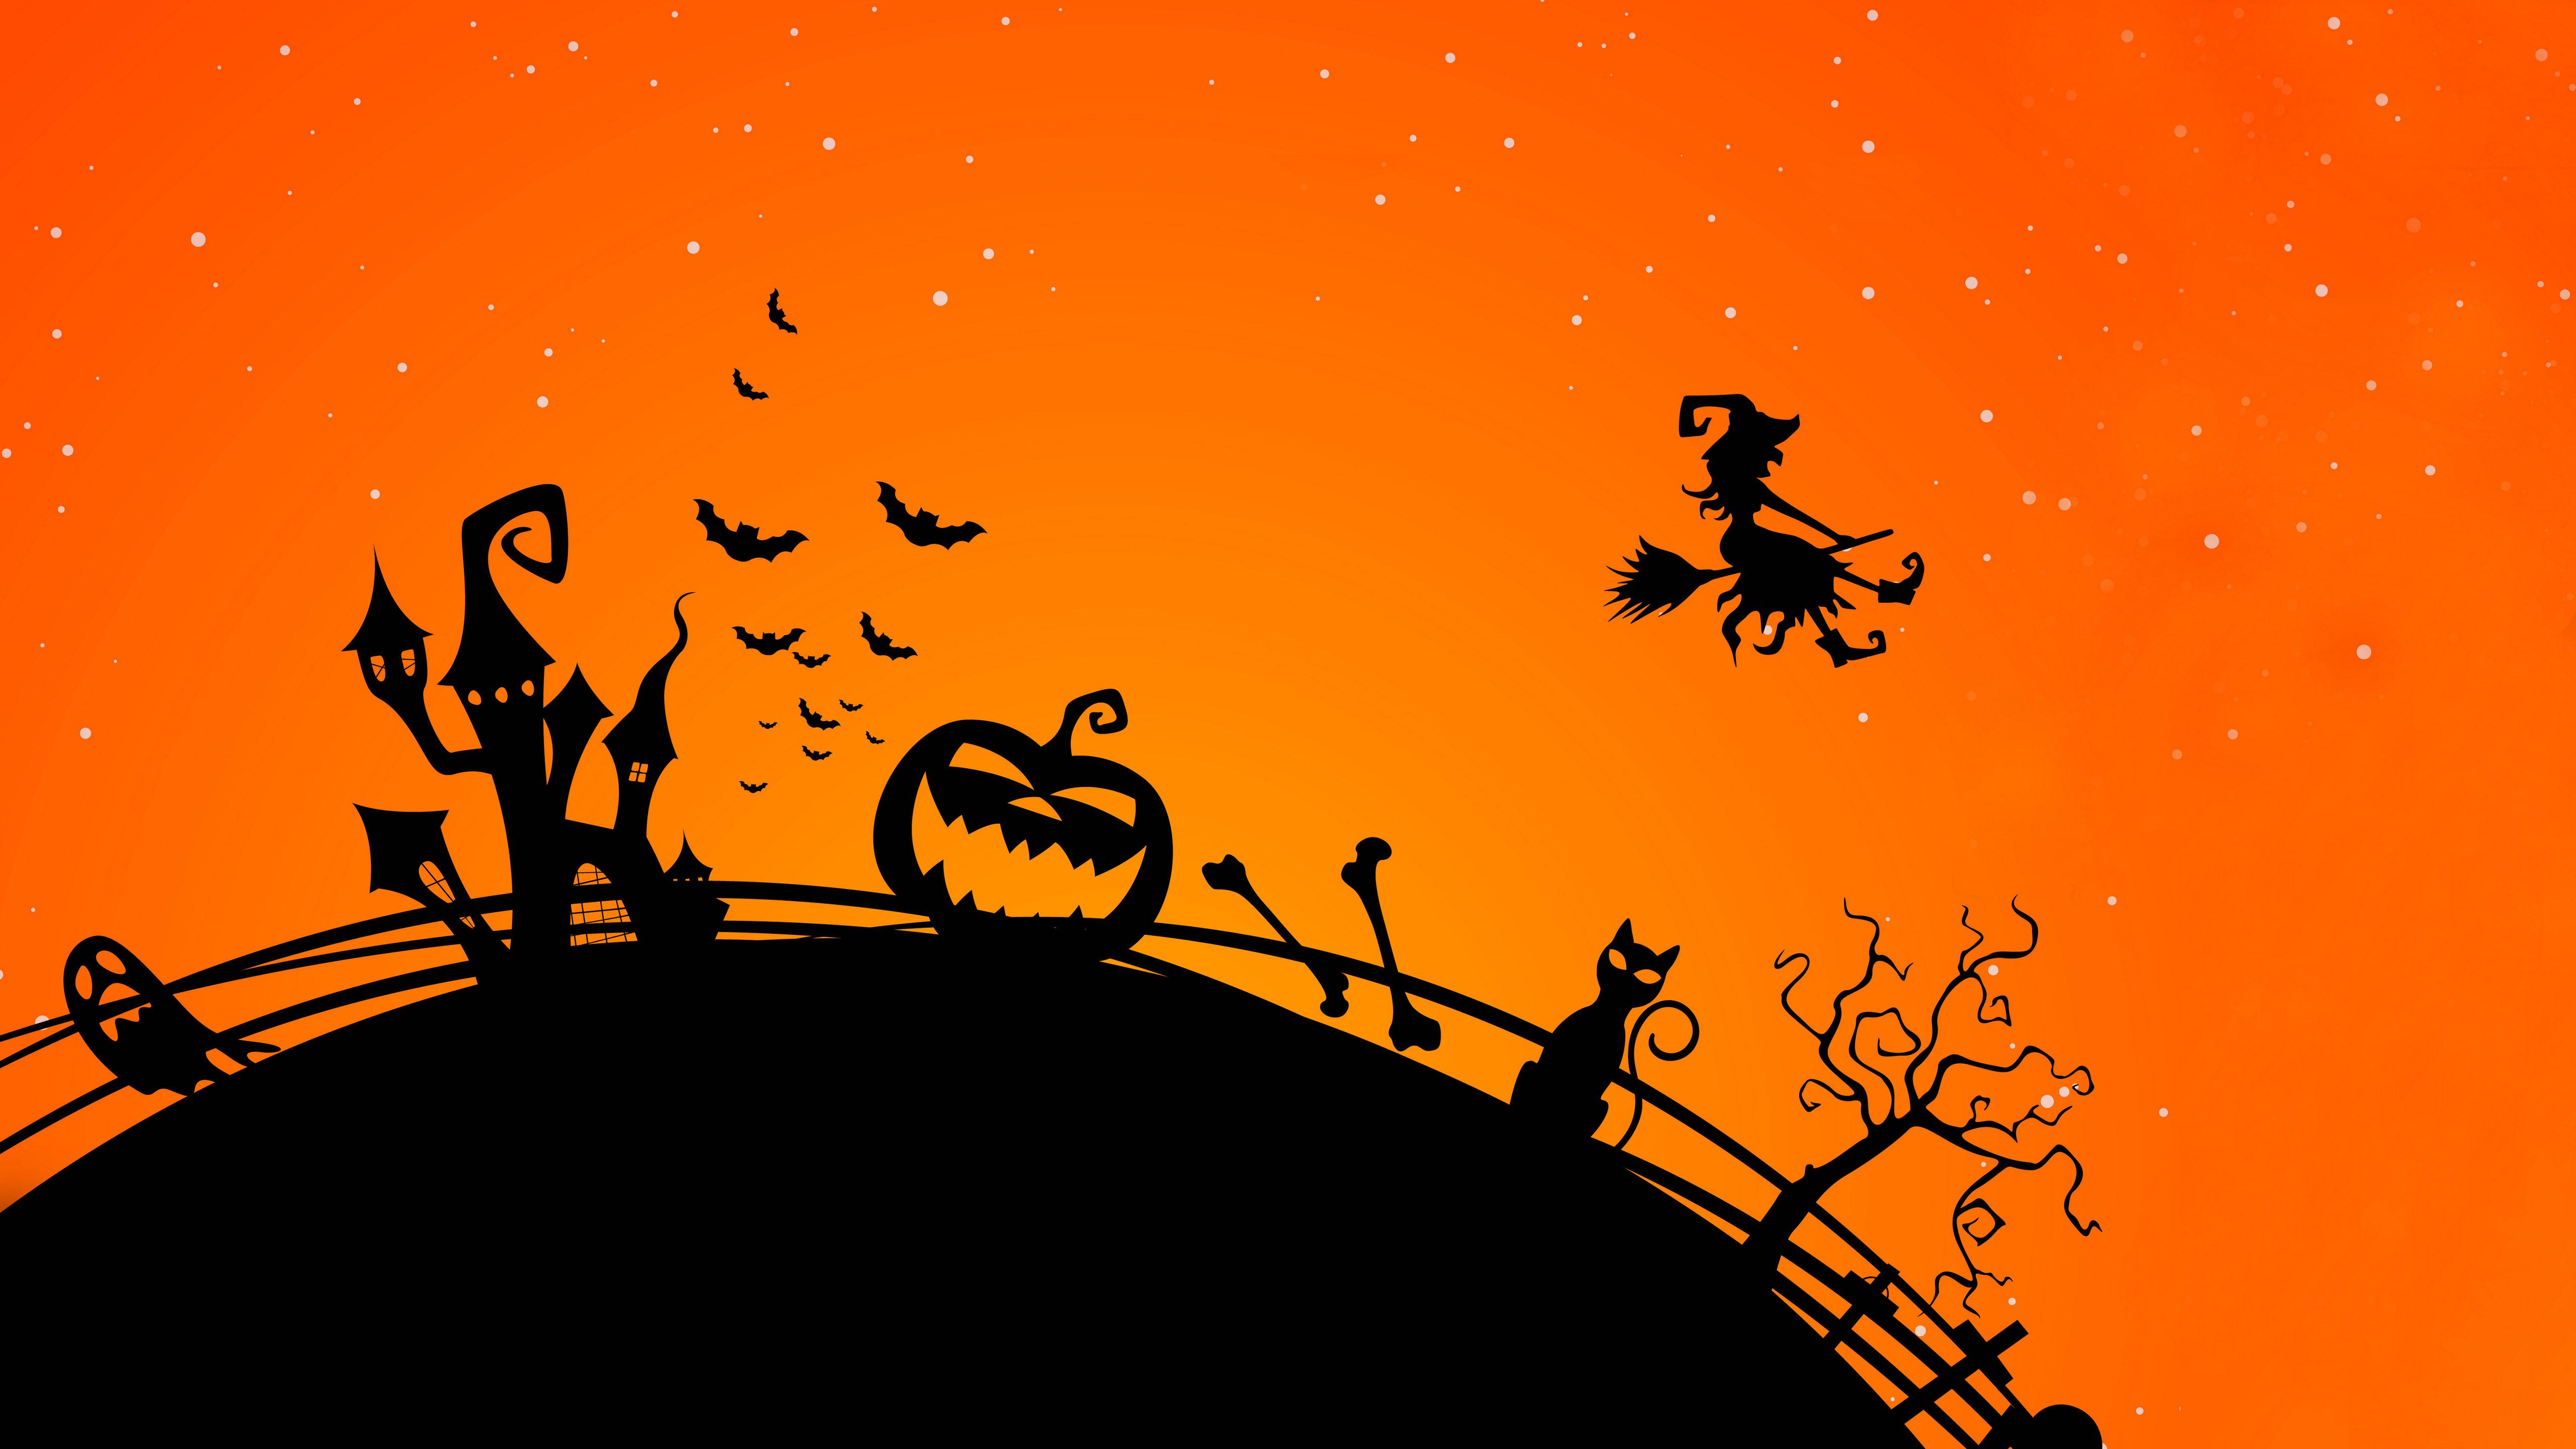 Halloween Backgrounds Download 5120x2880